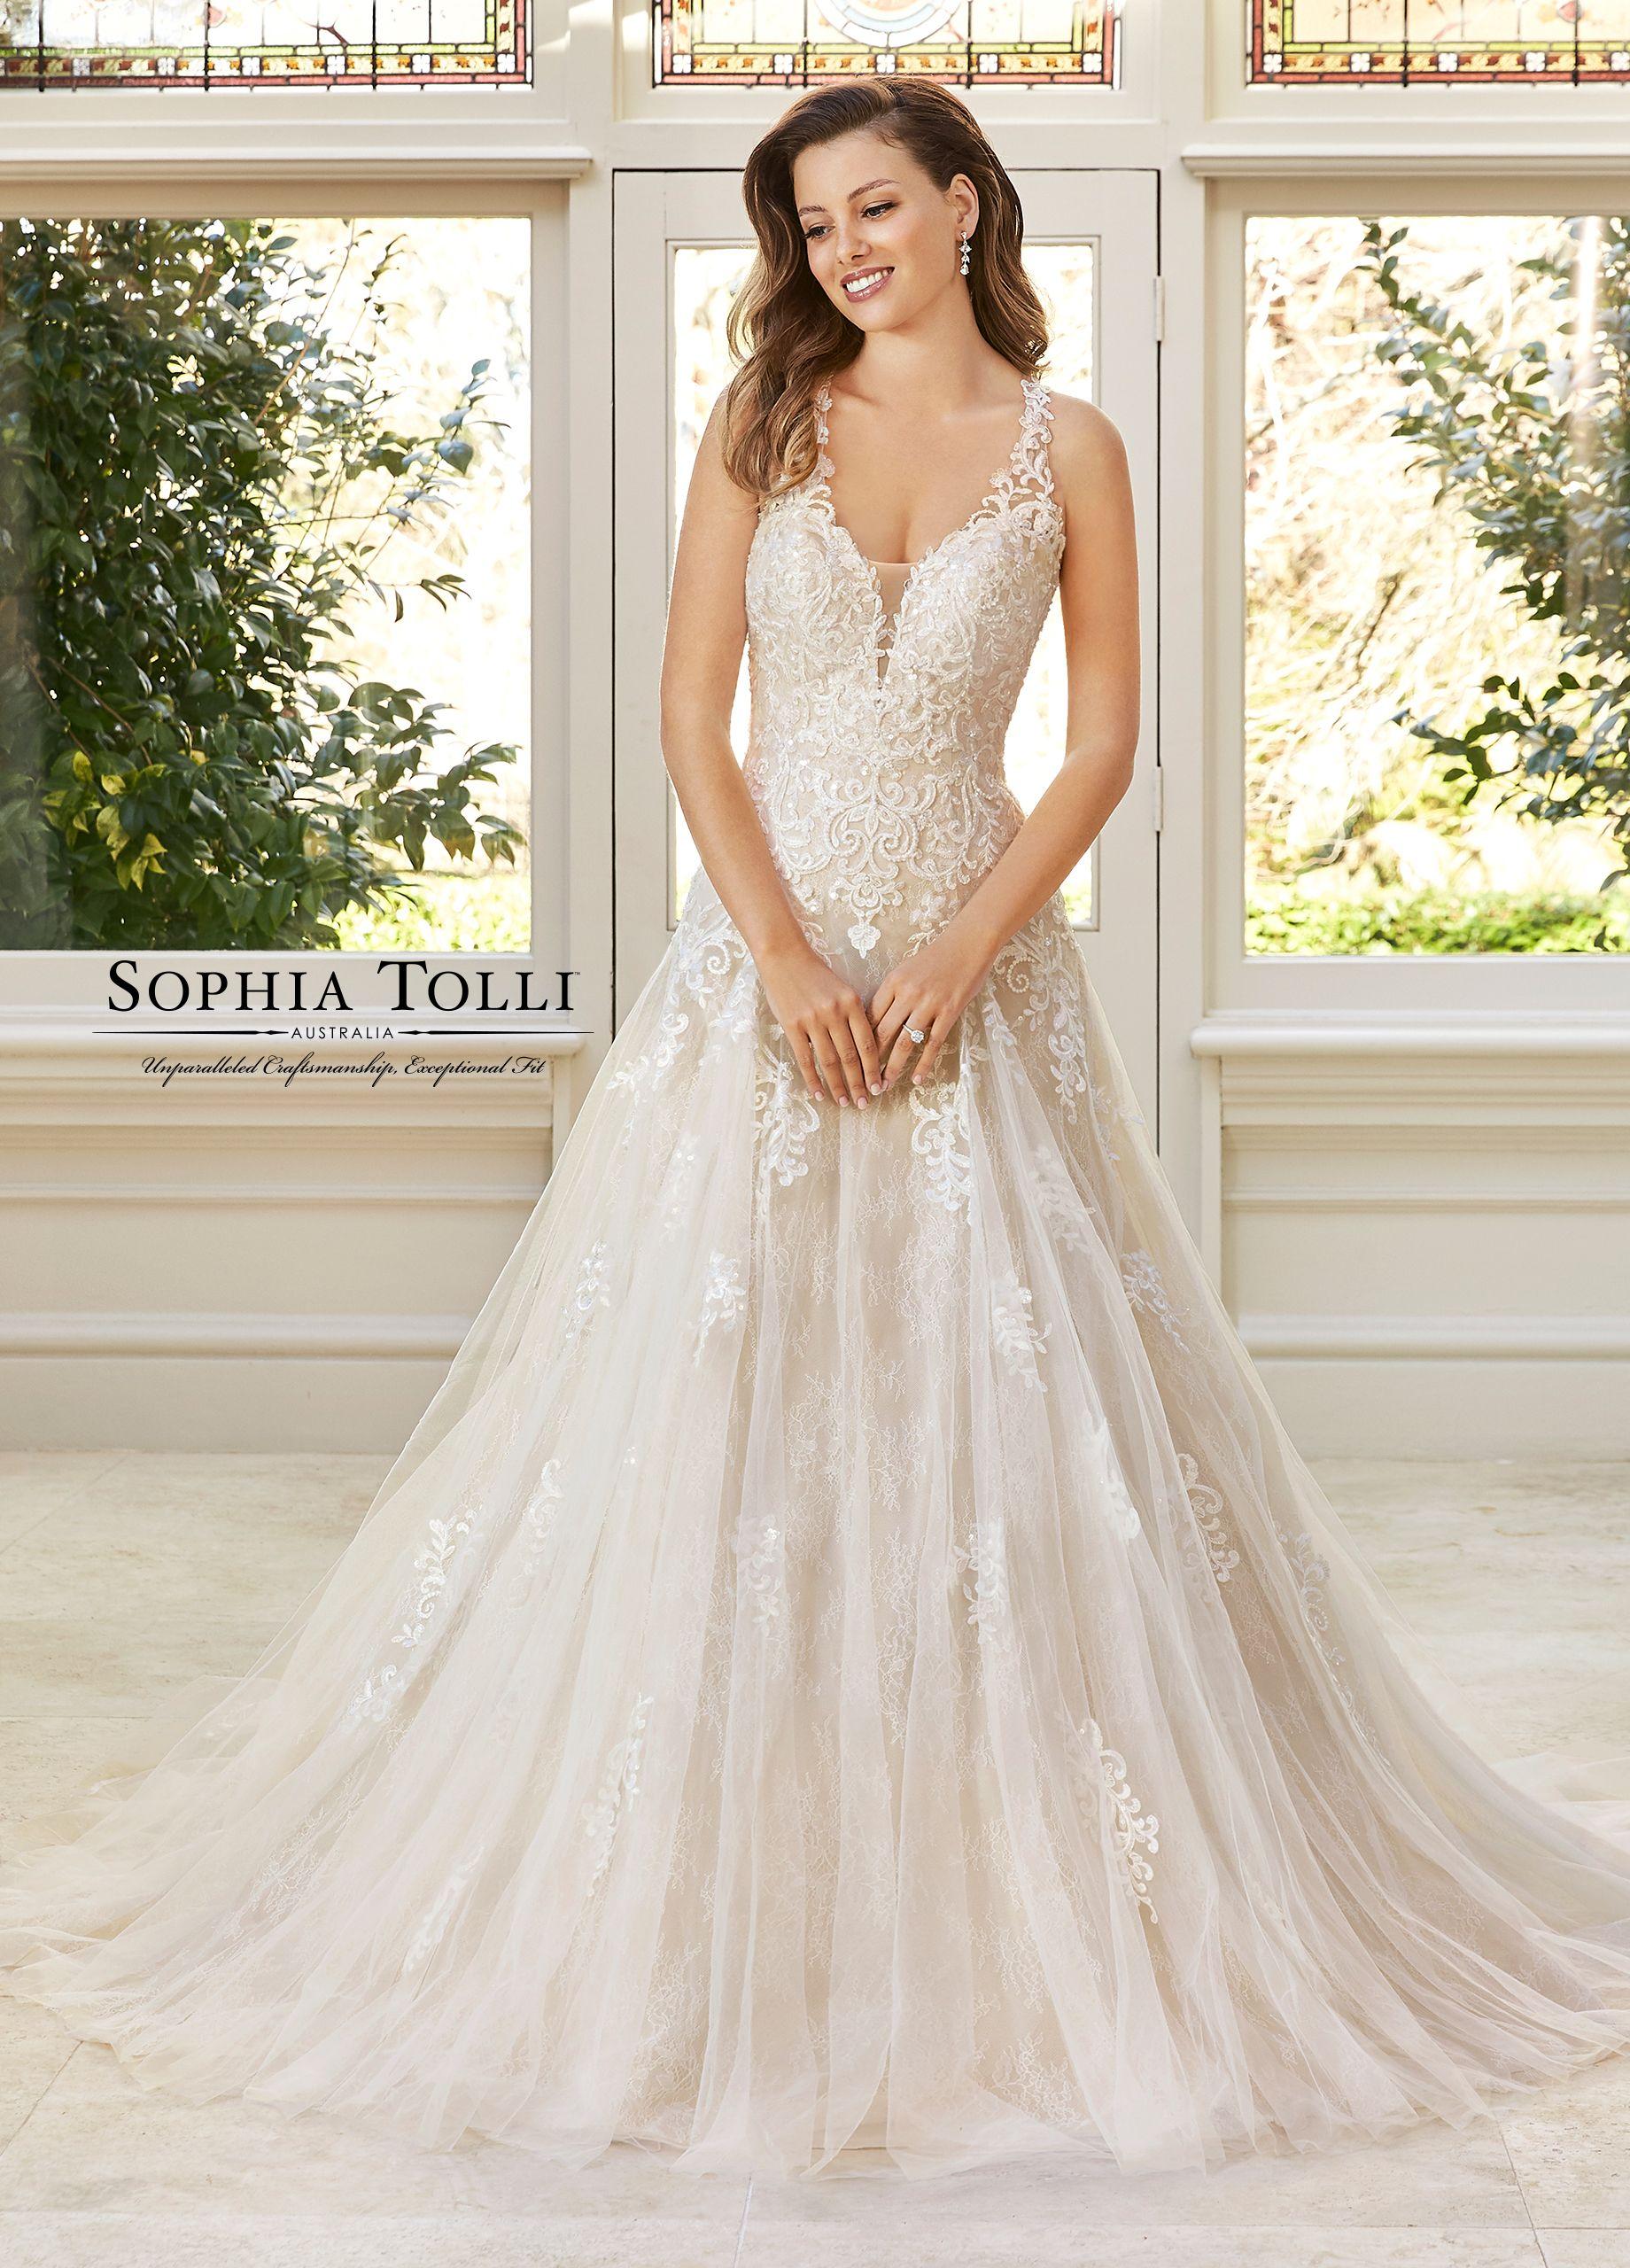 Sophia Tolli Katelyn Sophia Tolli Wedding Dresses Wedding Dresses Lace Wedding Dresses,Gothic Plus Size Gothic Black And White Wedding Dresses